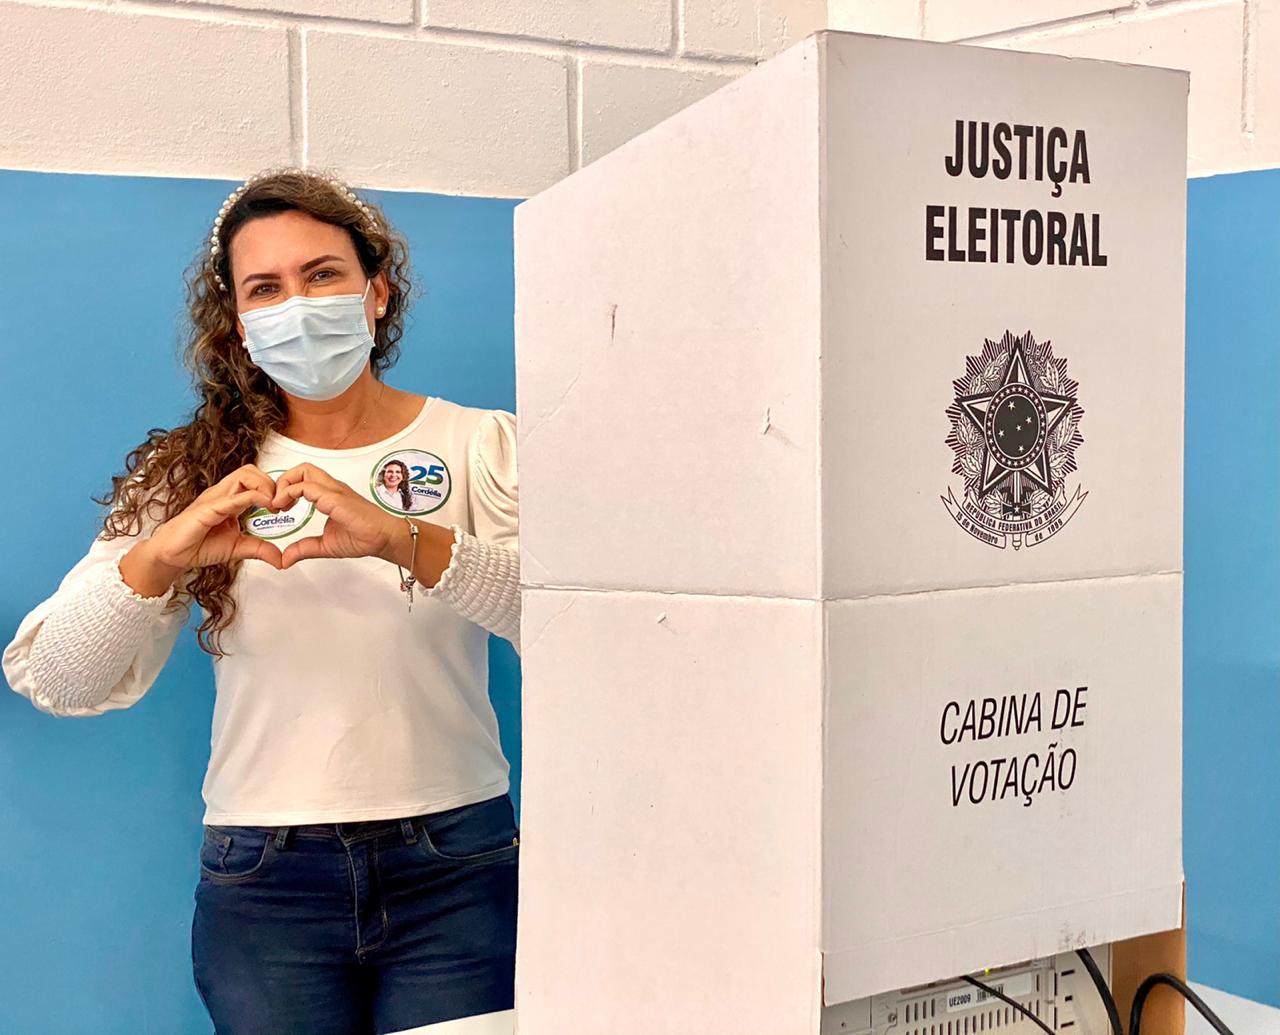 Cordélia vota no Colégio Anézia Guimarães e recebe o carinho de eleitores 18